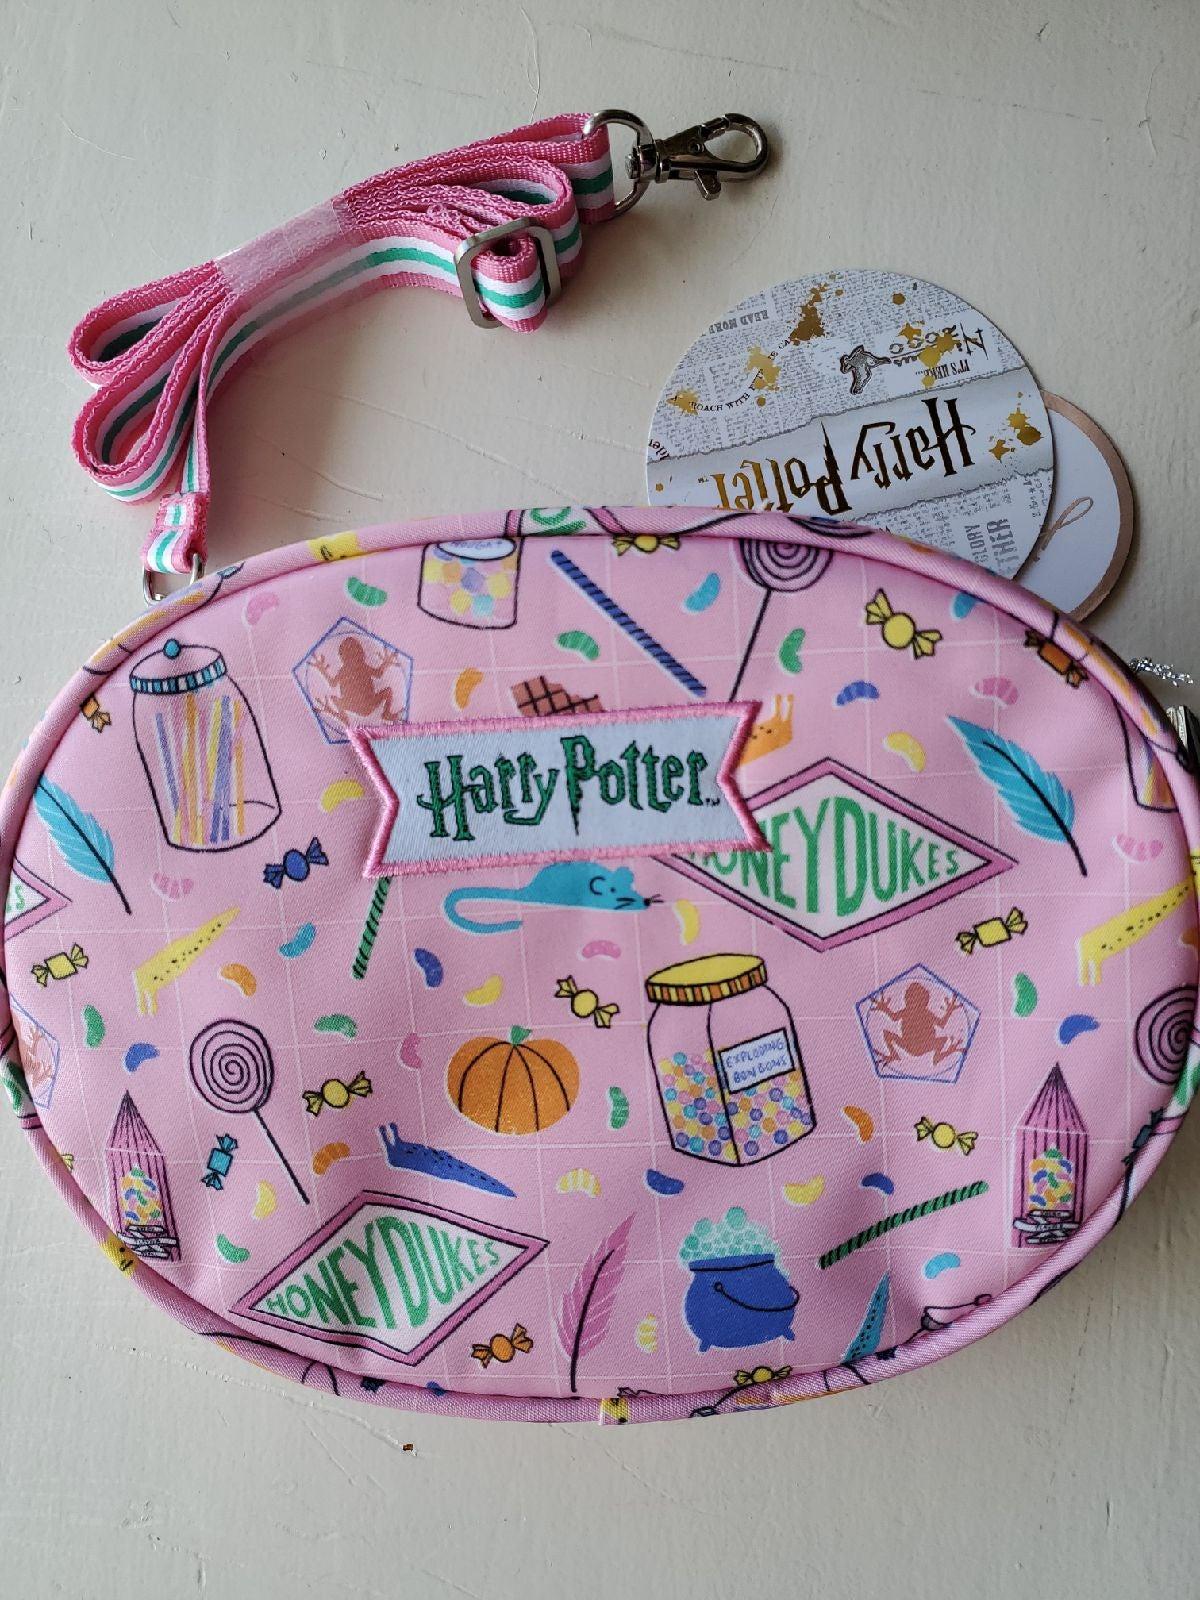 Harry Potter honeydukes bag